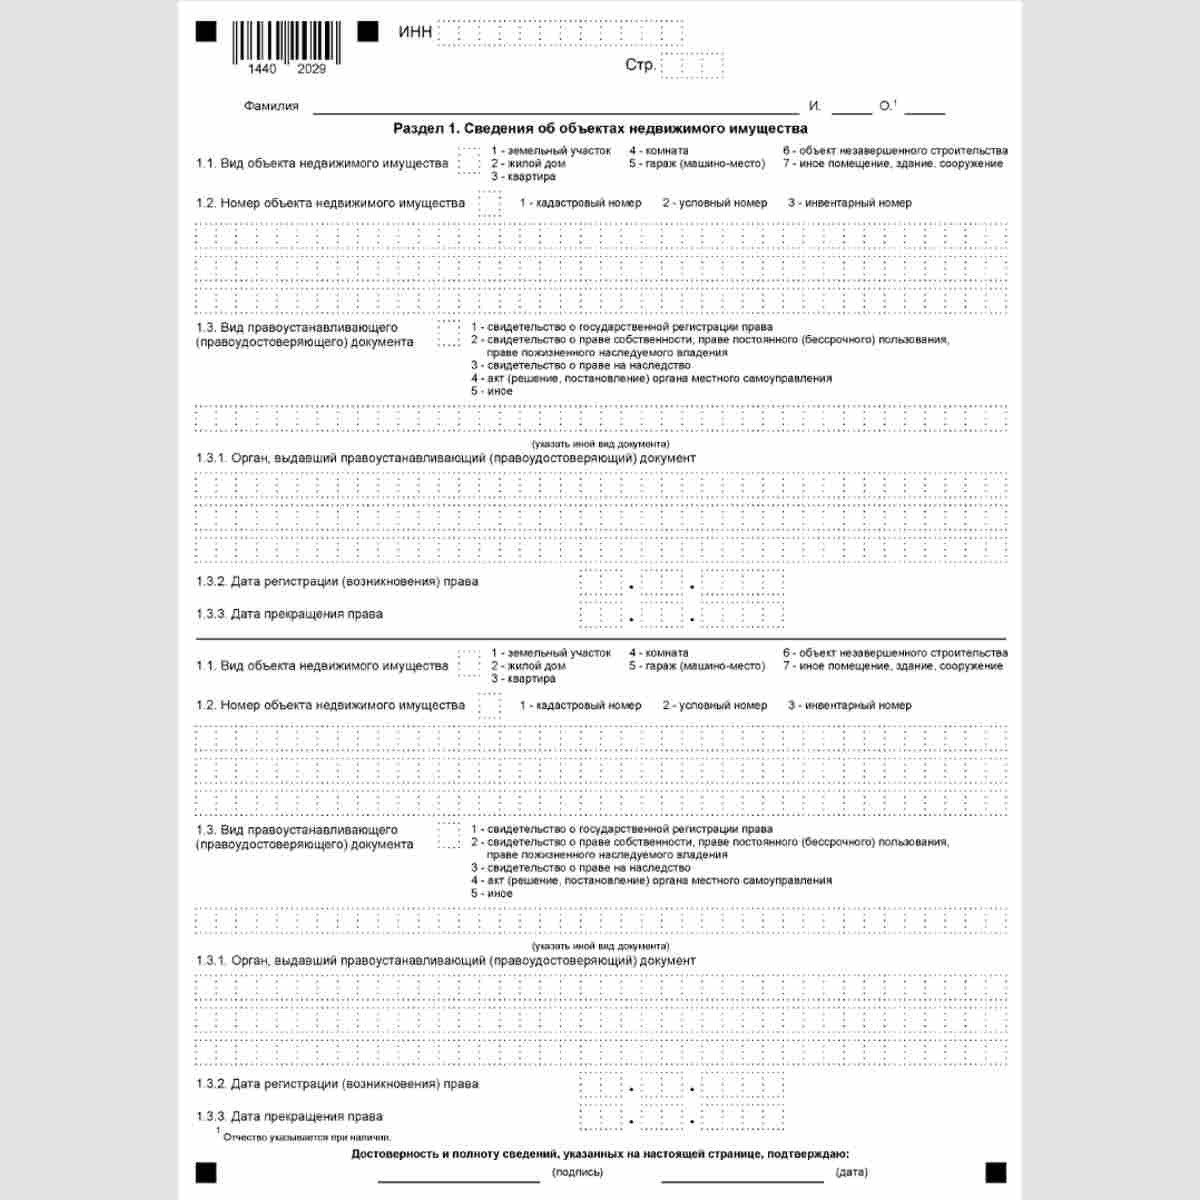 """Форма КНД 1153006 """"Сообщение о наличии объектов недвижимого имущества и (или) транспортных средств, признаваемых объектами налогообложения по соответствующим налогам, уплачиваемым физическими лицами"""" Раздел 1 """"Сведения об объектах недвижимого имущества"""""""